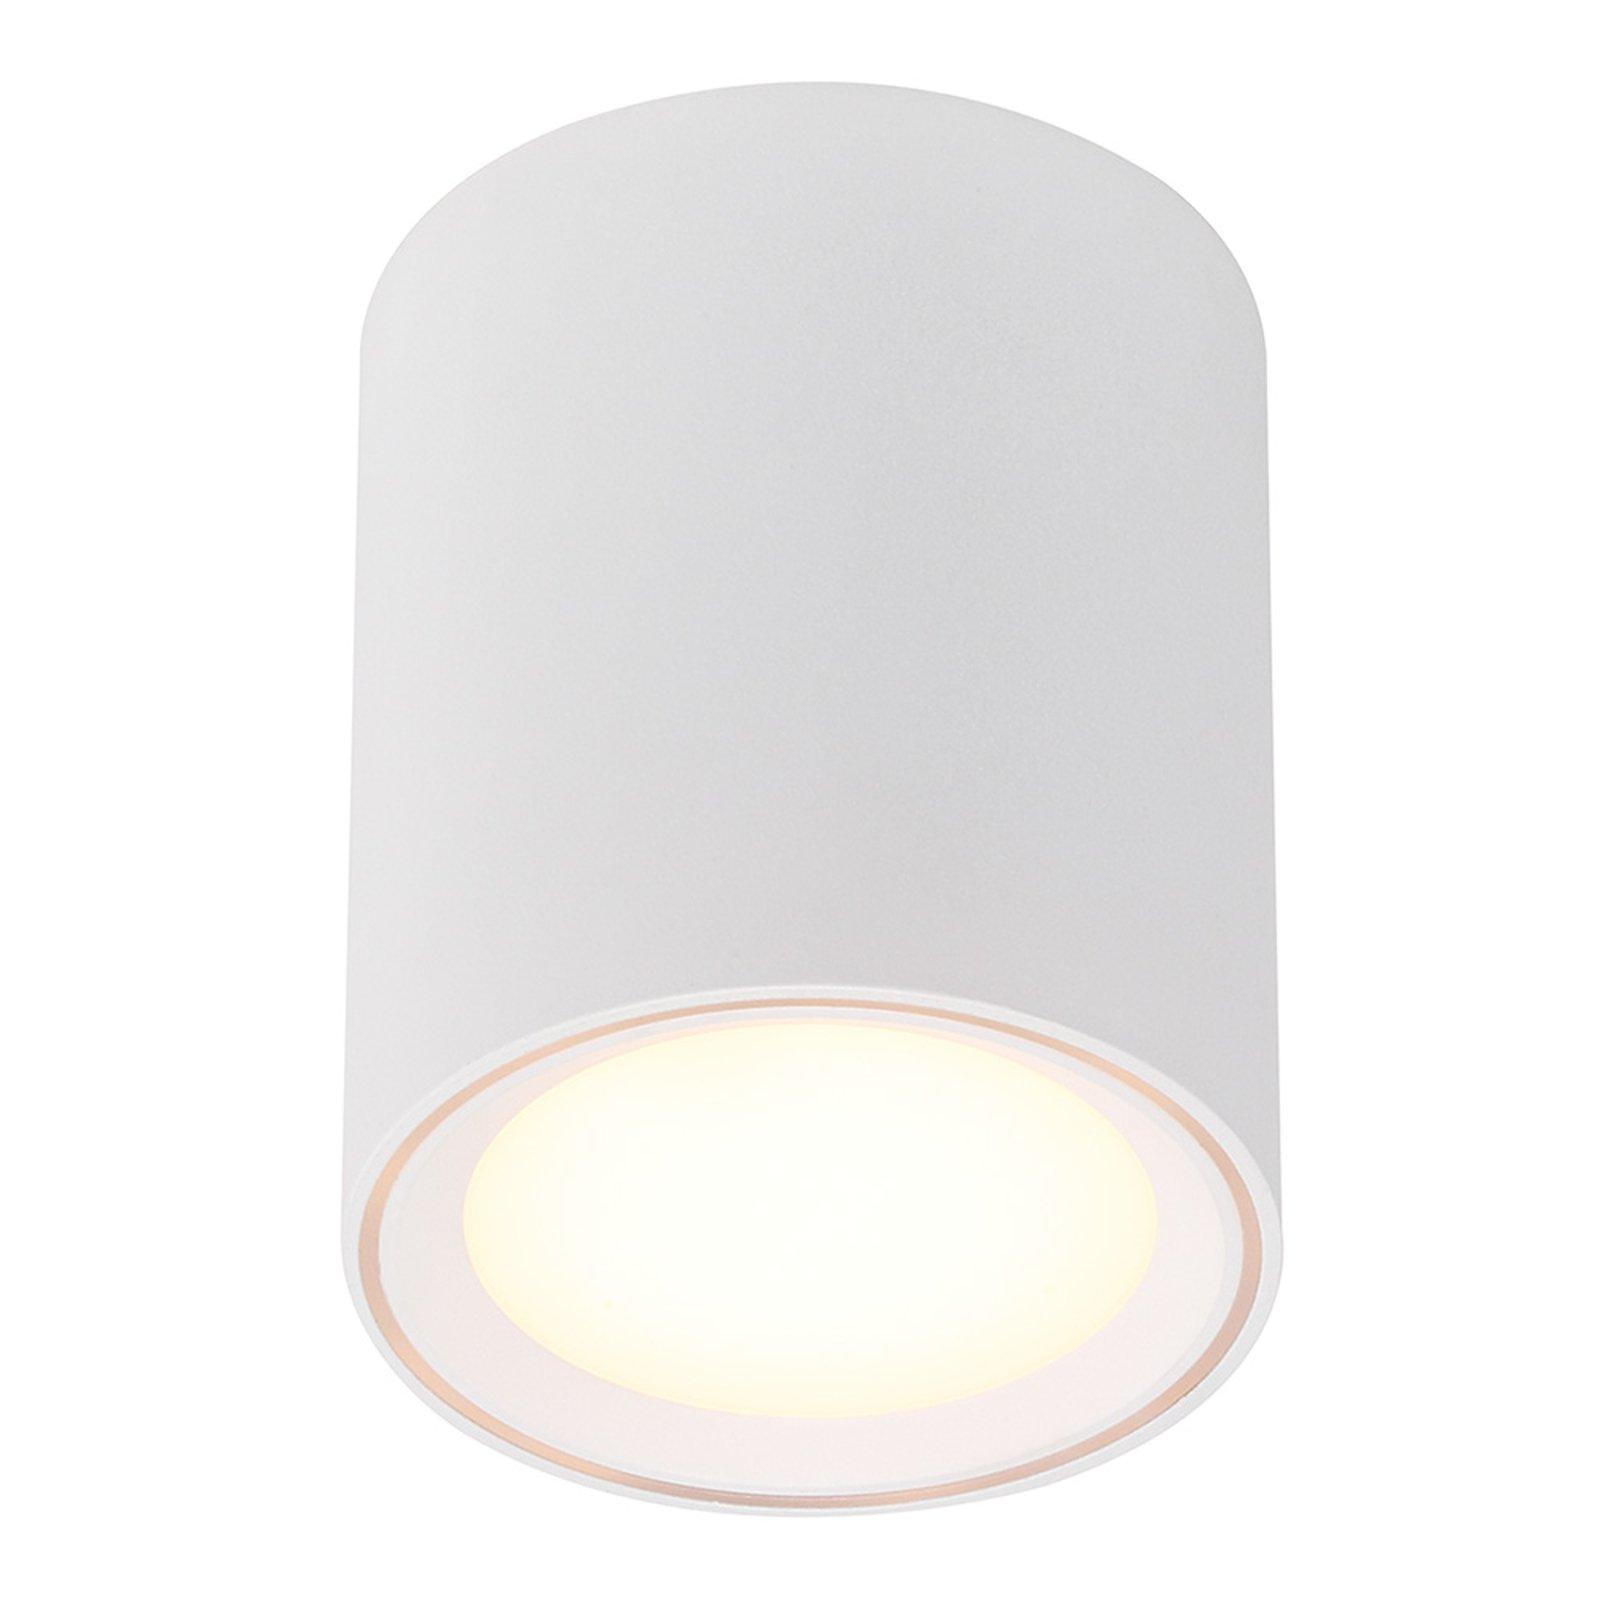 Fallon LED-taklampe, høyde 12 cm